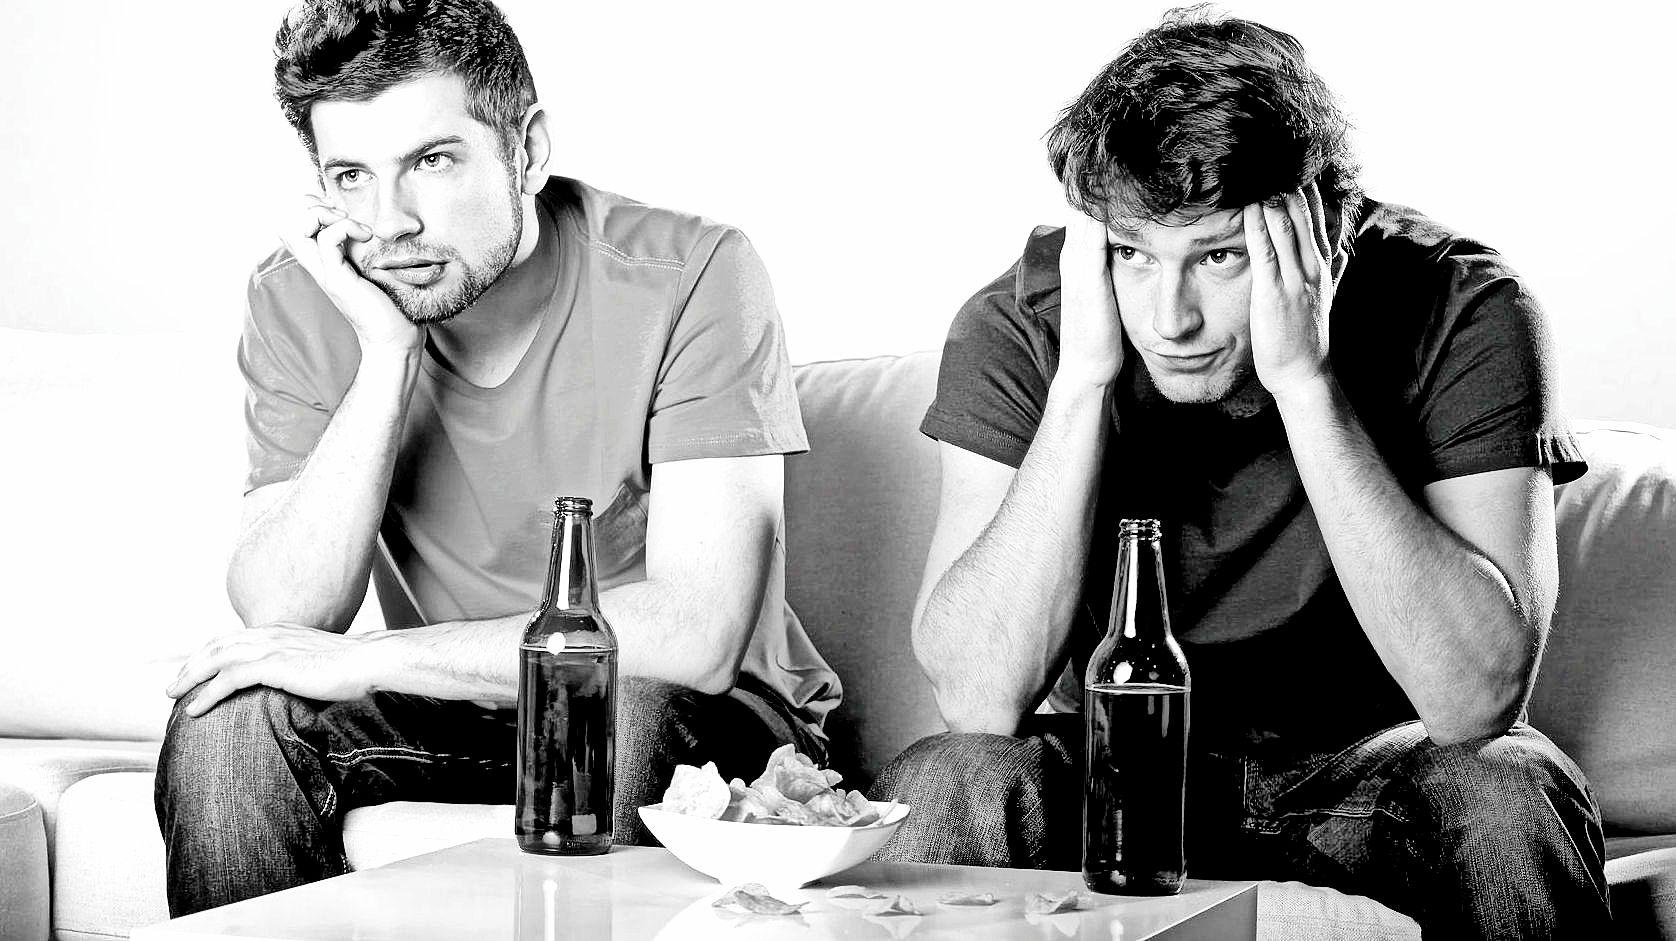 Zábava RentFun protože nudí nás akce, kde hosty celý večer jenom jedí a pijí